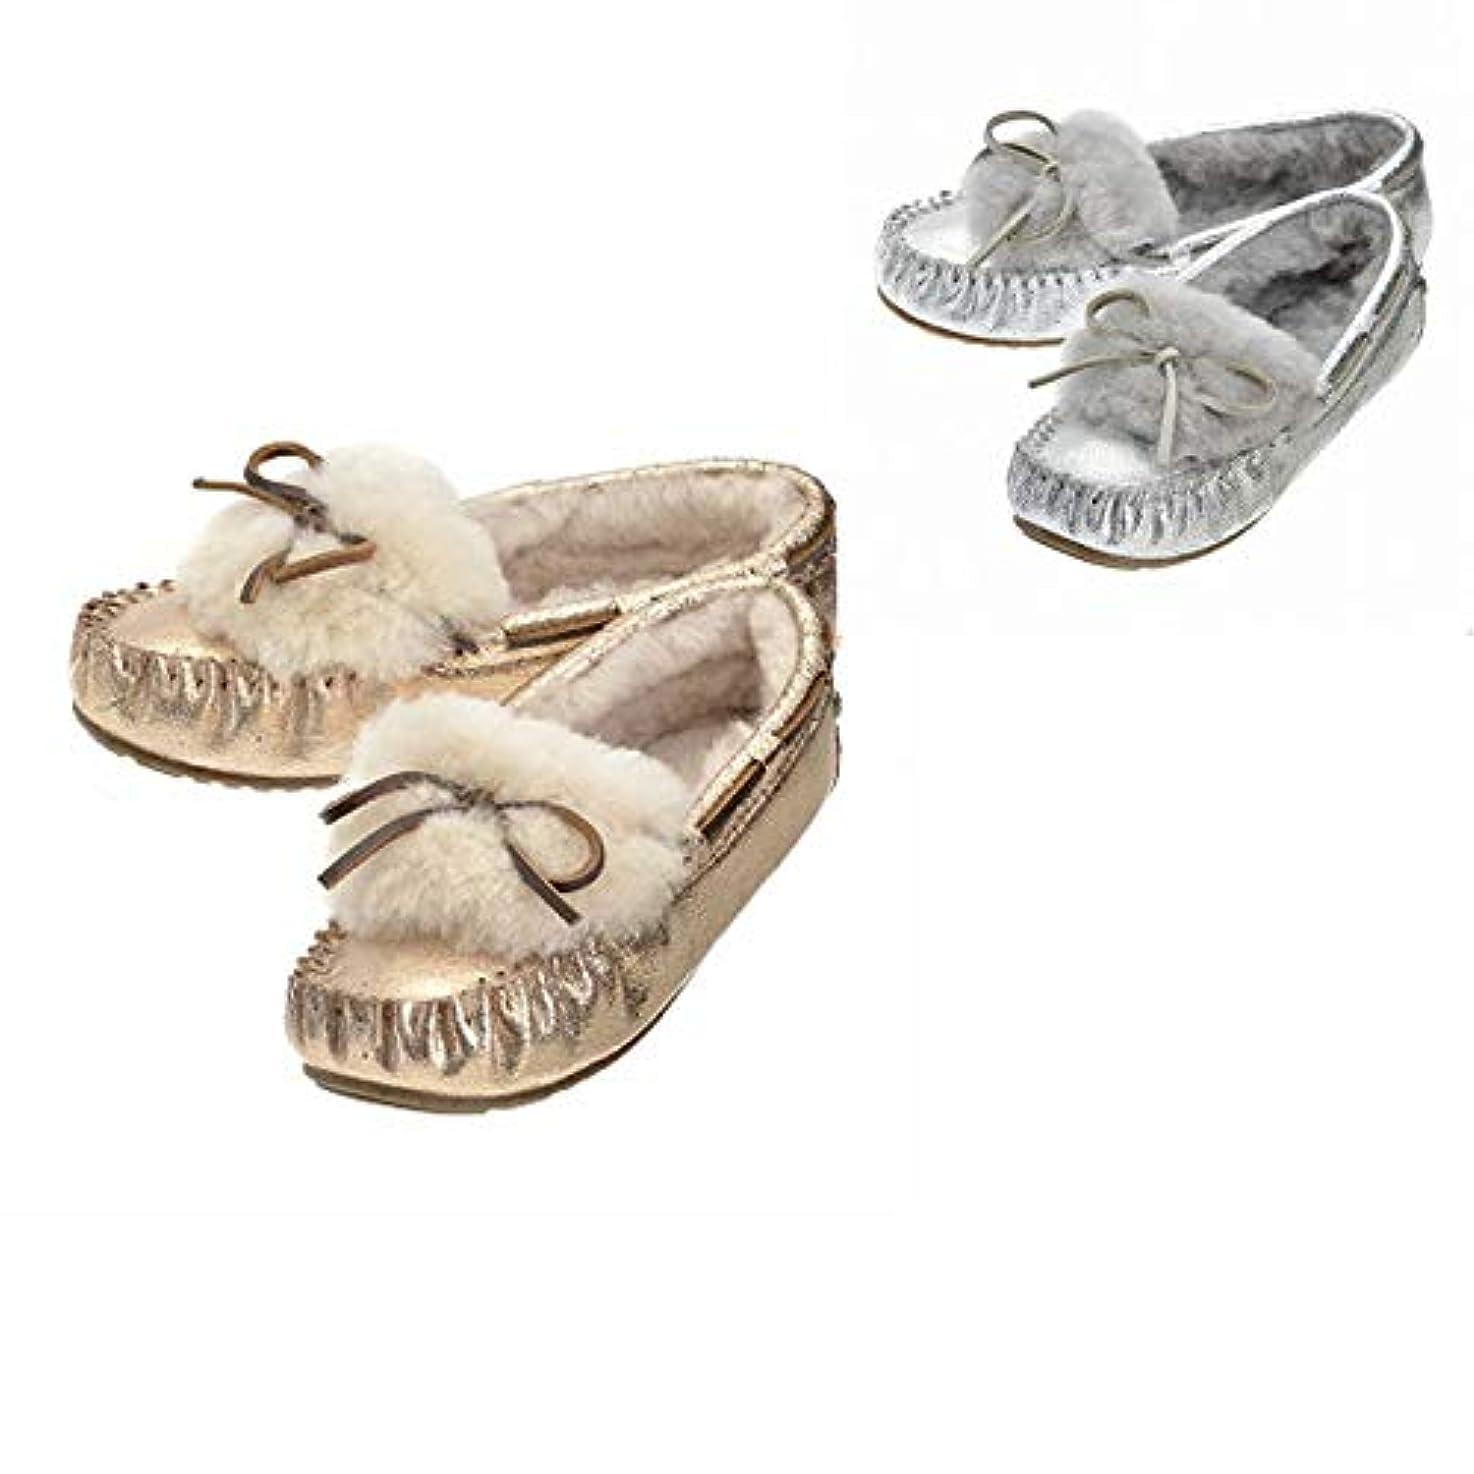 トラック病気の王室[エミュー] モカシン AMITY CUFF CRACKLED アミティ レディース ムートン シューズ 靴 モカシン/デッキシューズ W11853 0012 [並行輸入品]